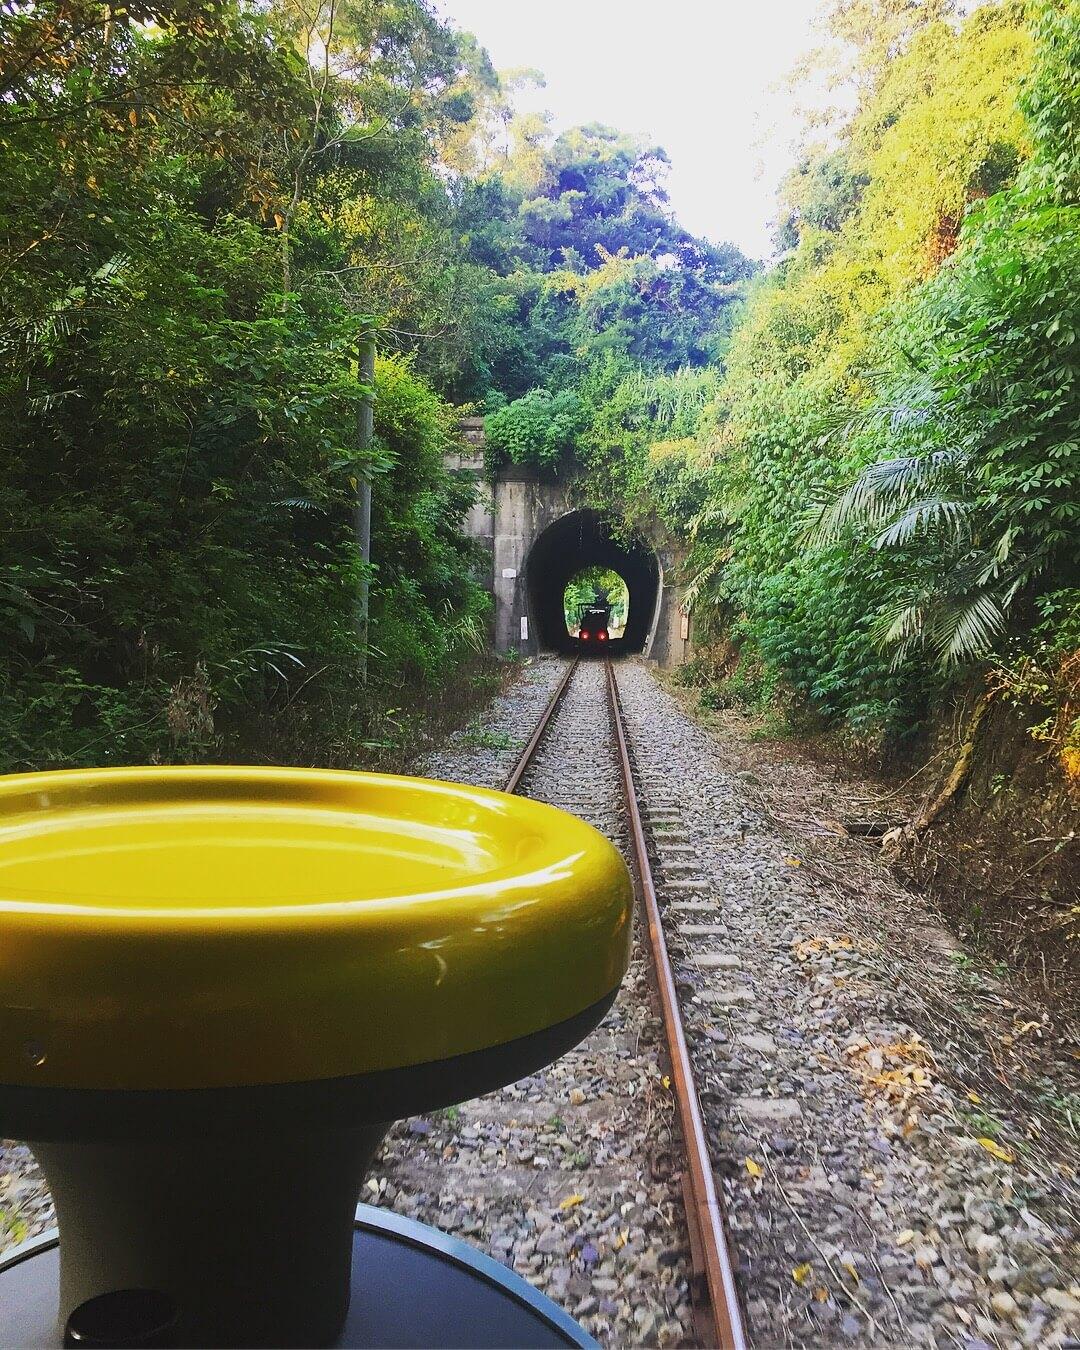 彷彿要進入電影《神隱少女》裡的隧道一般。(圖/吐司客拍攝)